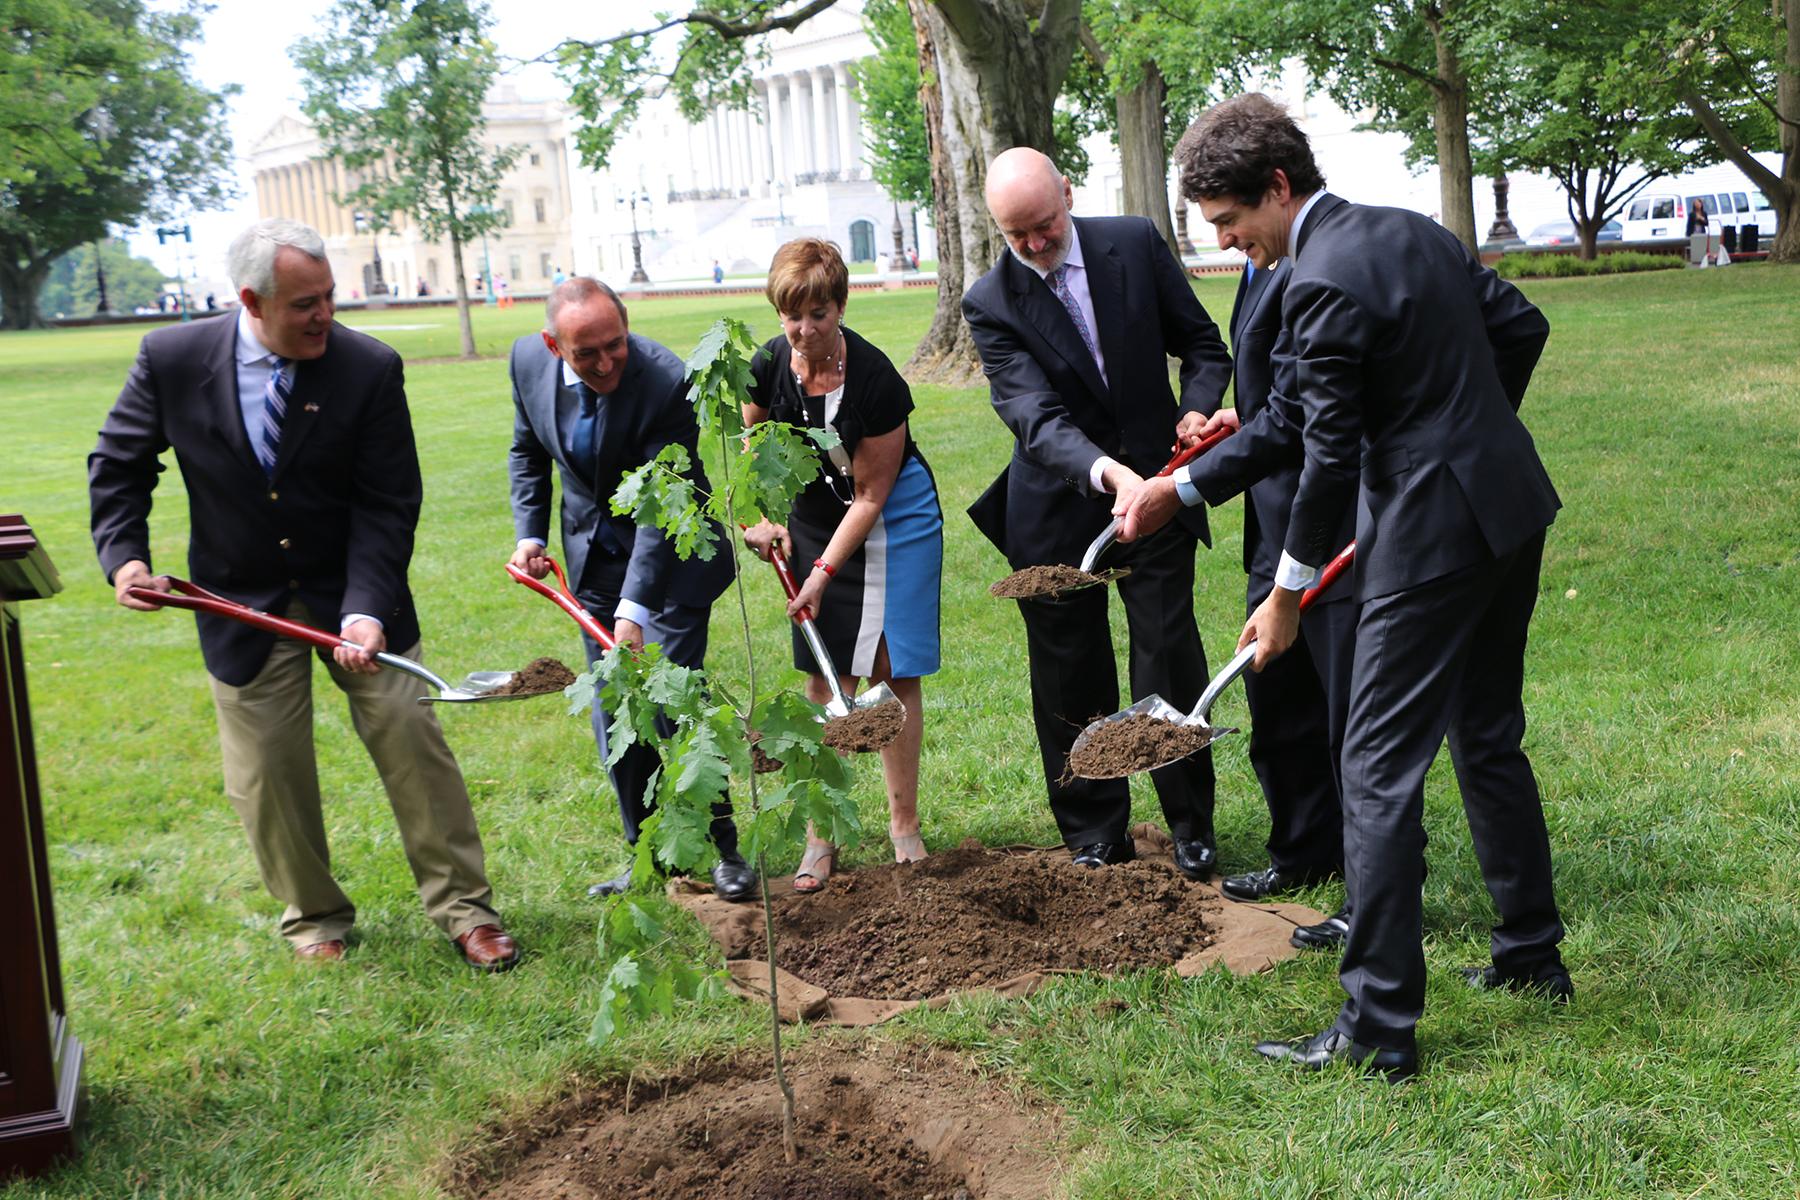 La consejera Tapia planta un retoño del árbol de Gernika en Washington